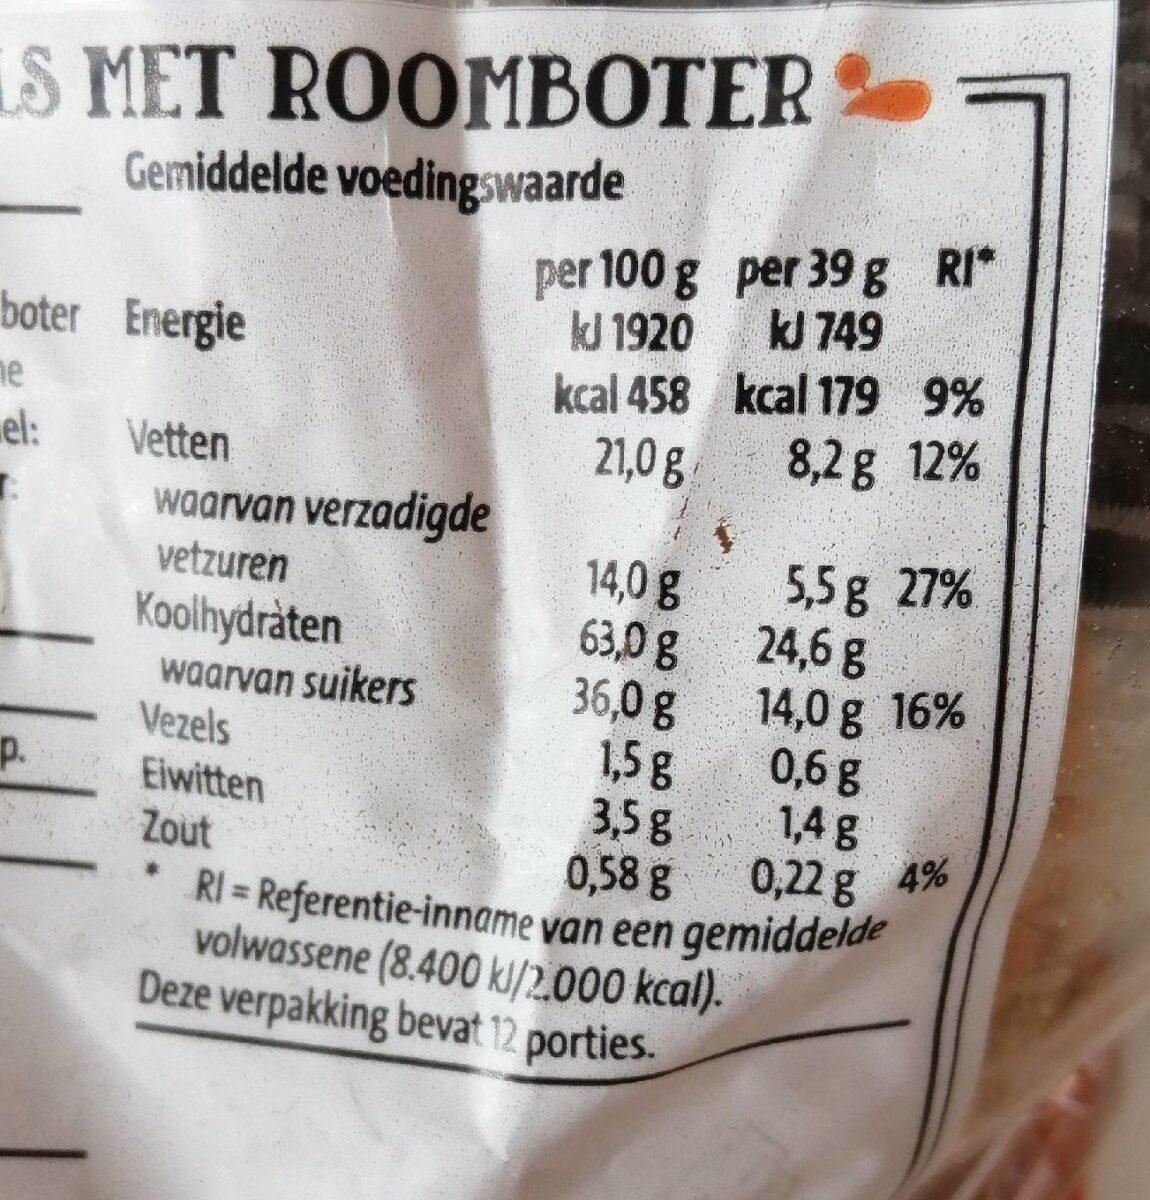 Stroopwafels met roomboter - Nutrition facts - nl